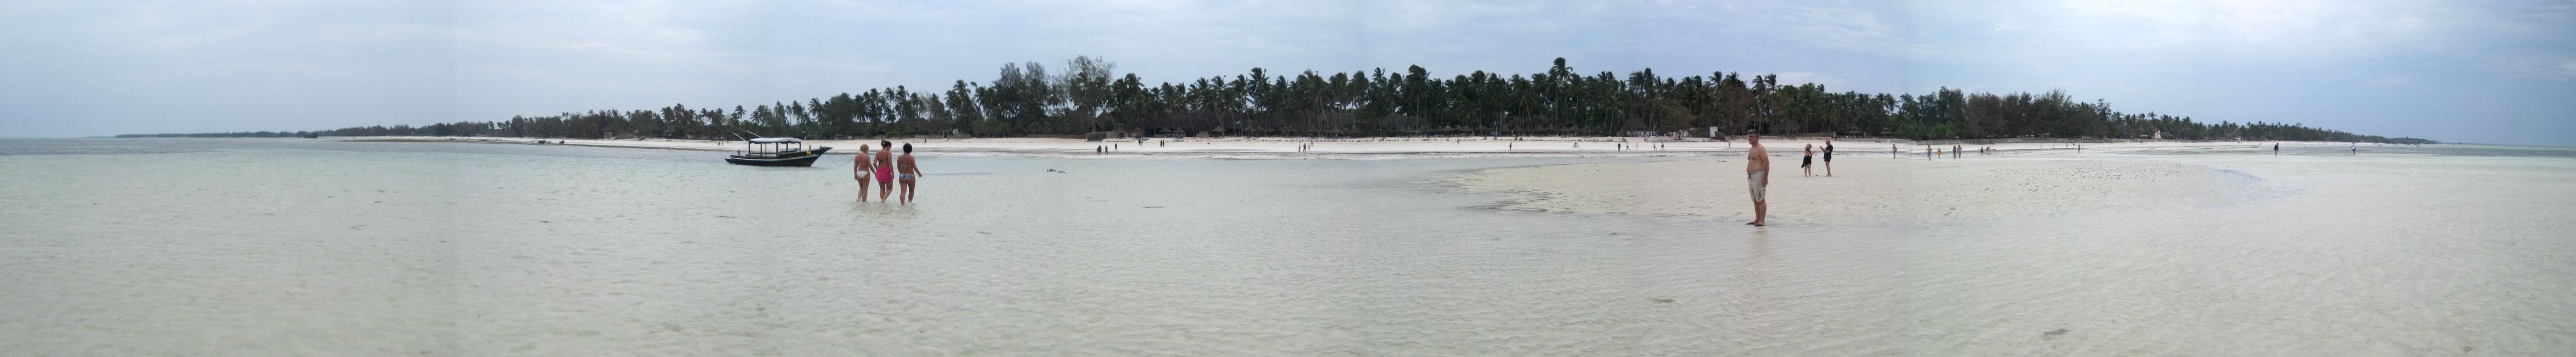 Zanzibar panorama by Majnouna